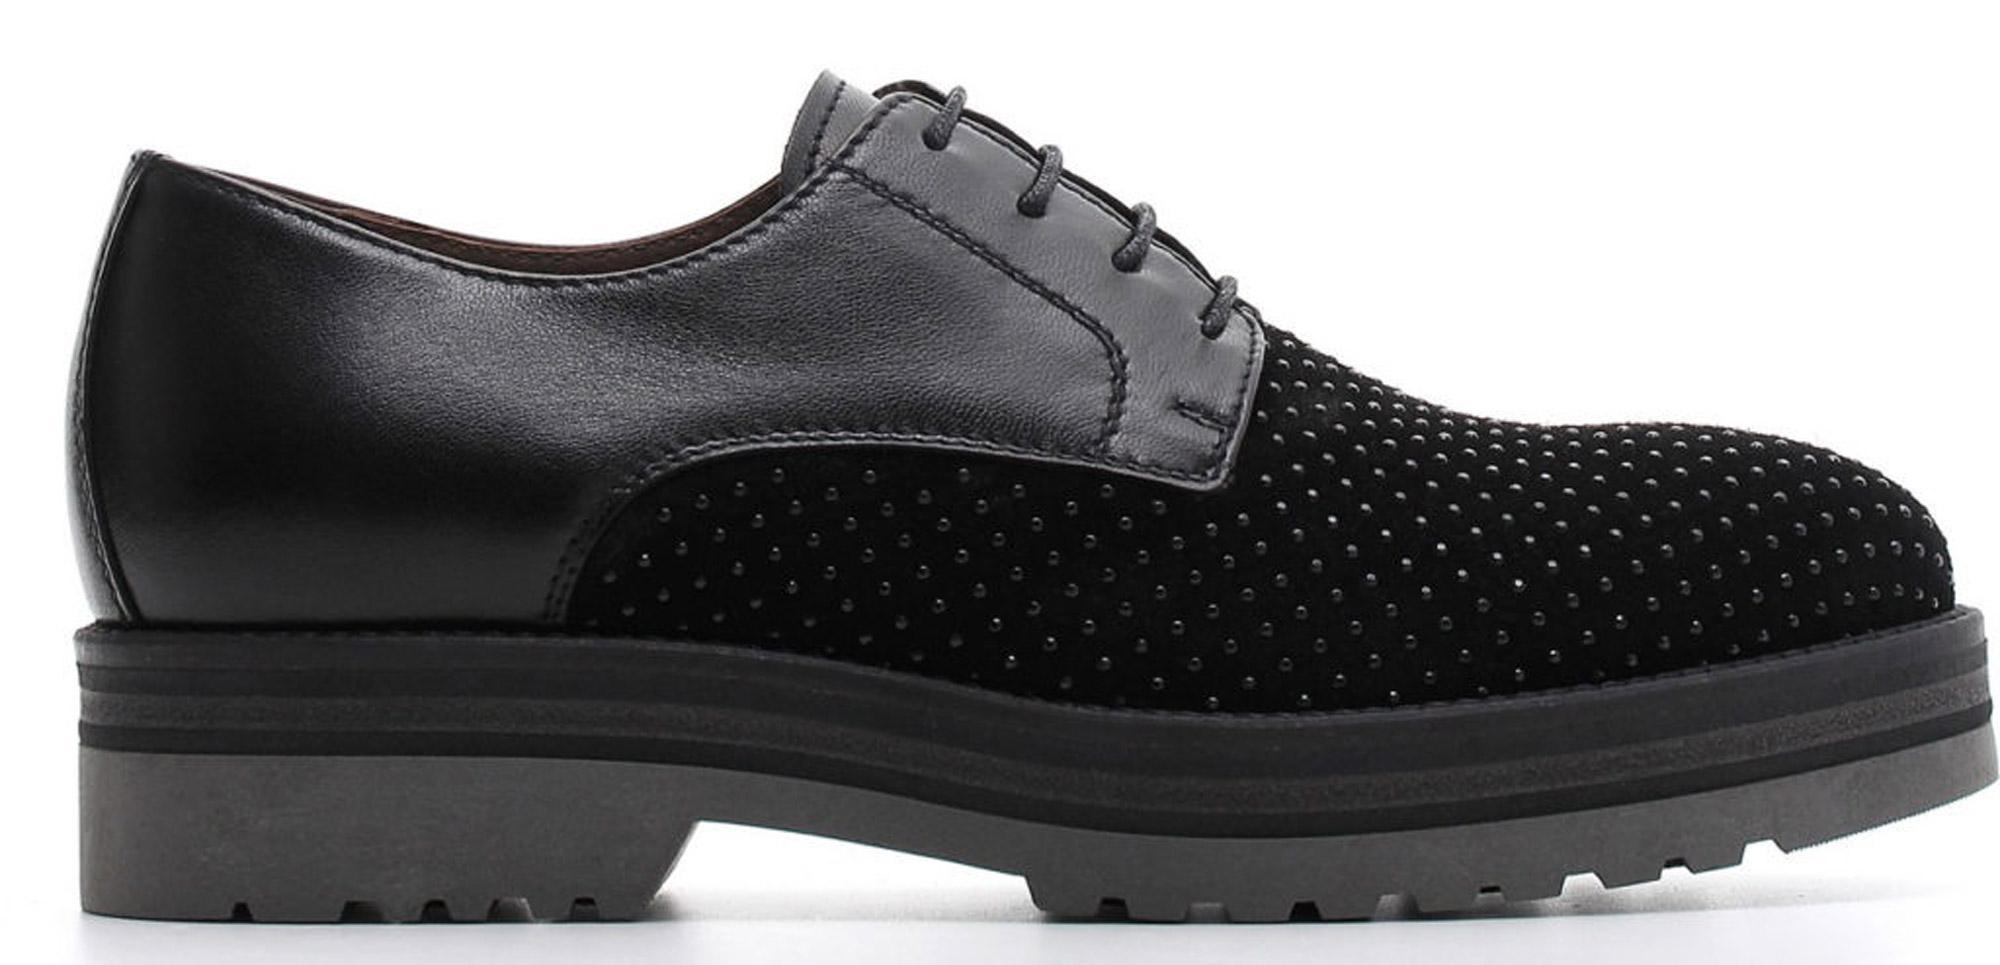 Francesine NeroGiardini A806560-100 6560 scarpe stringate donna con micro  borchie 5e9fbdd397f